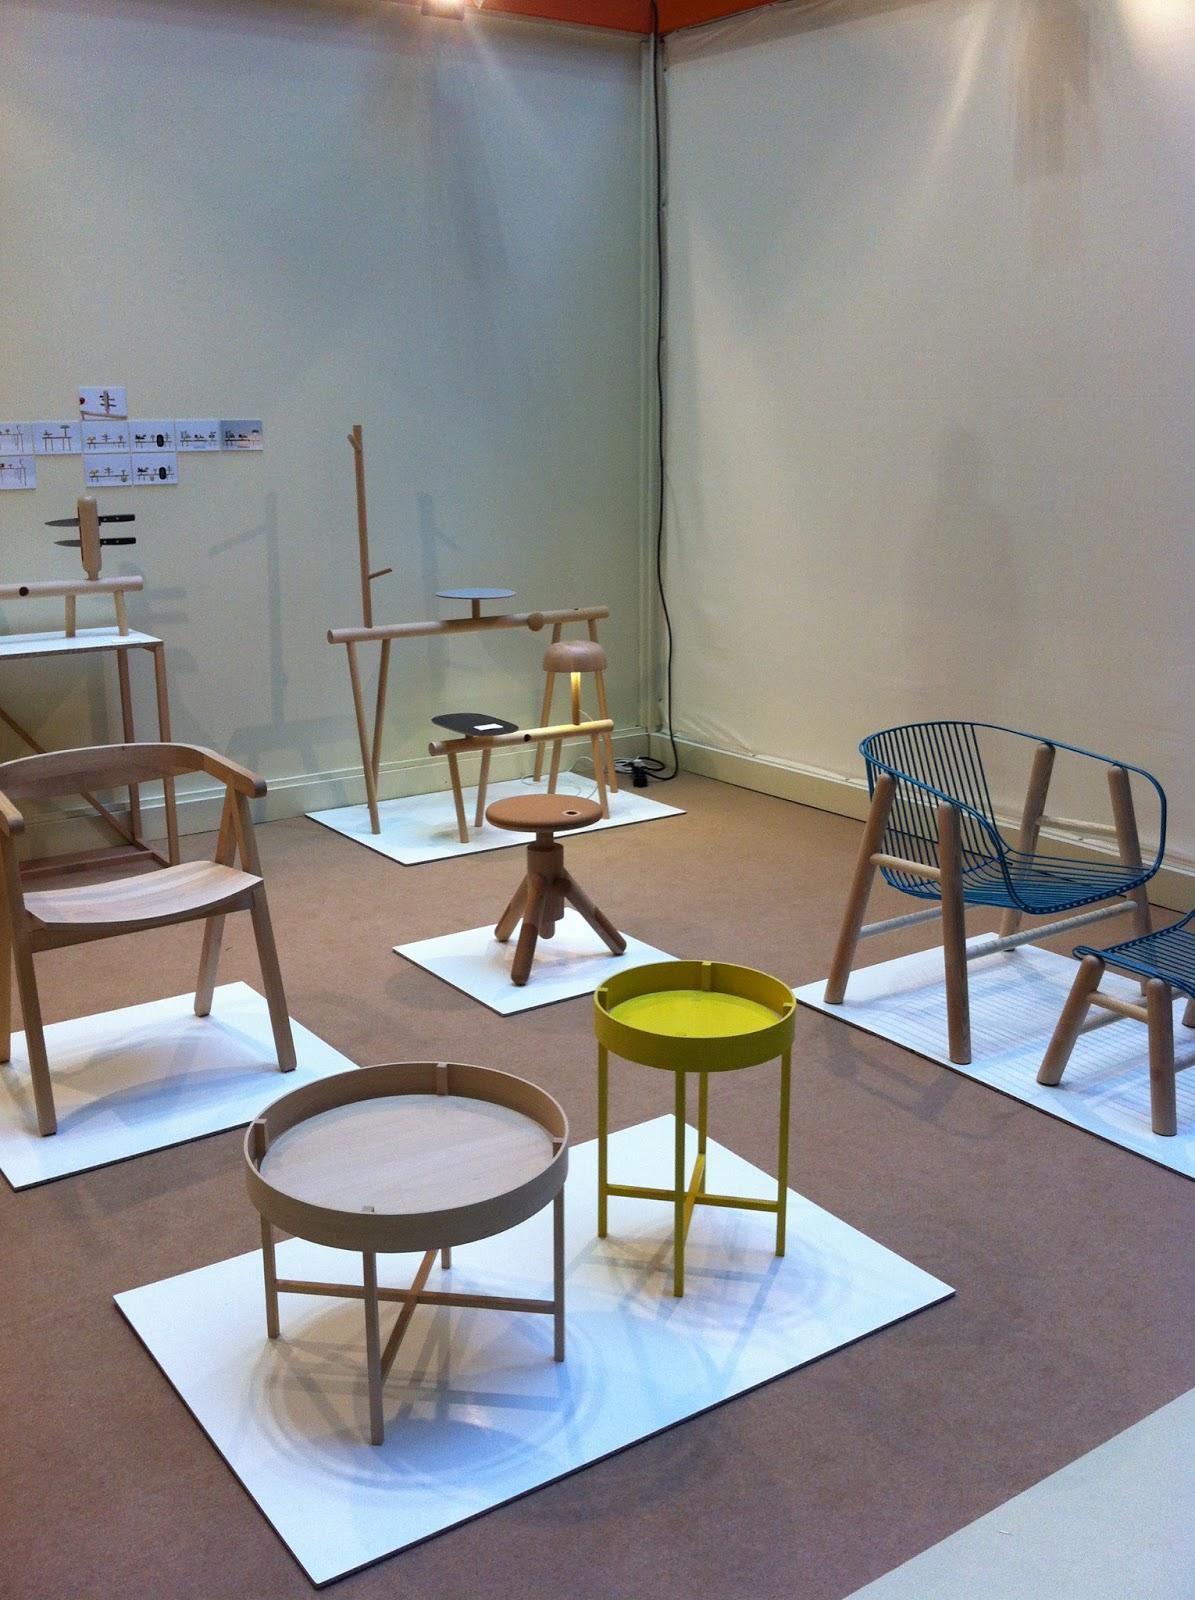 Hom architetti salone del mobile di milano for Termoarredo salone